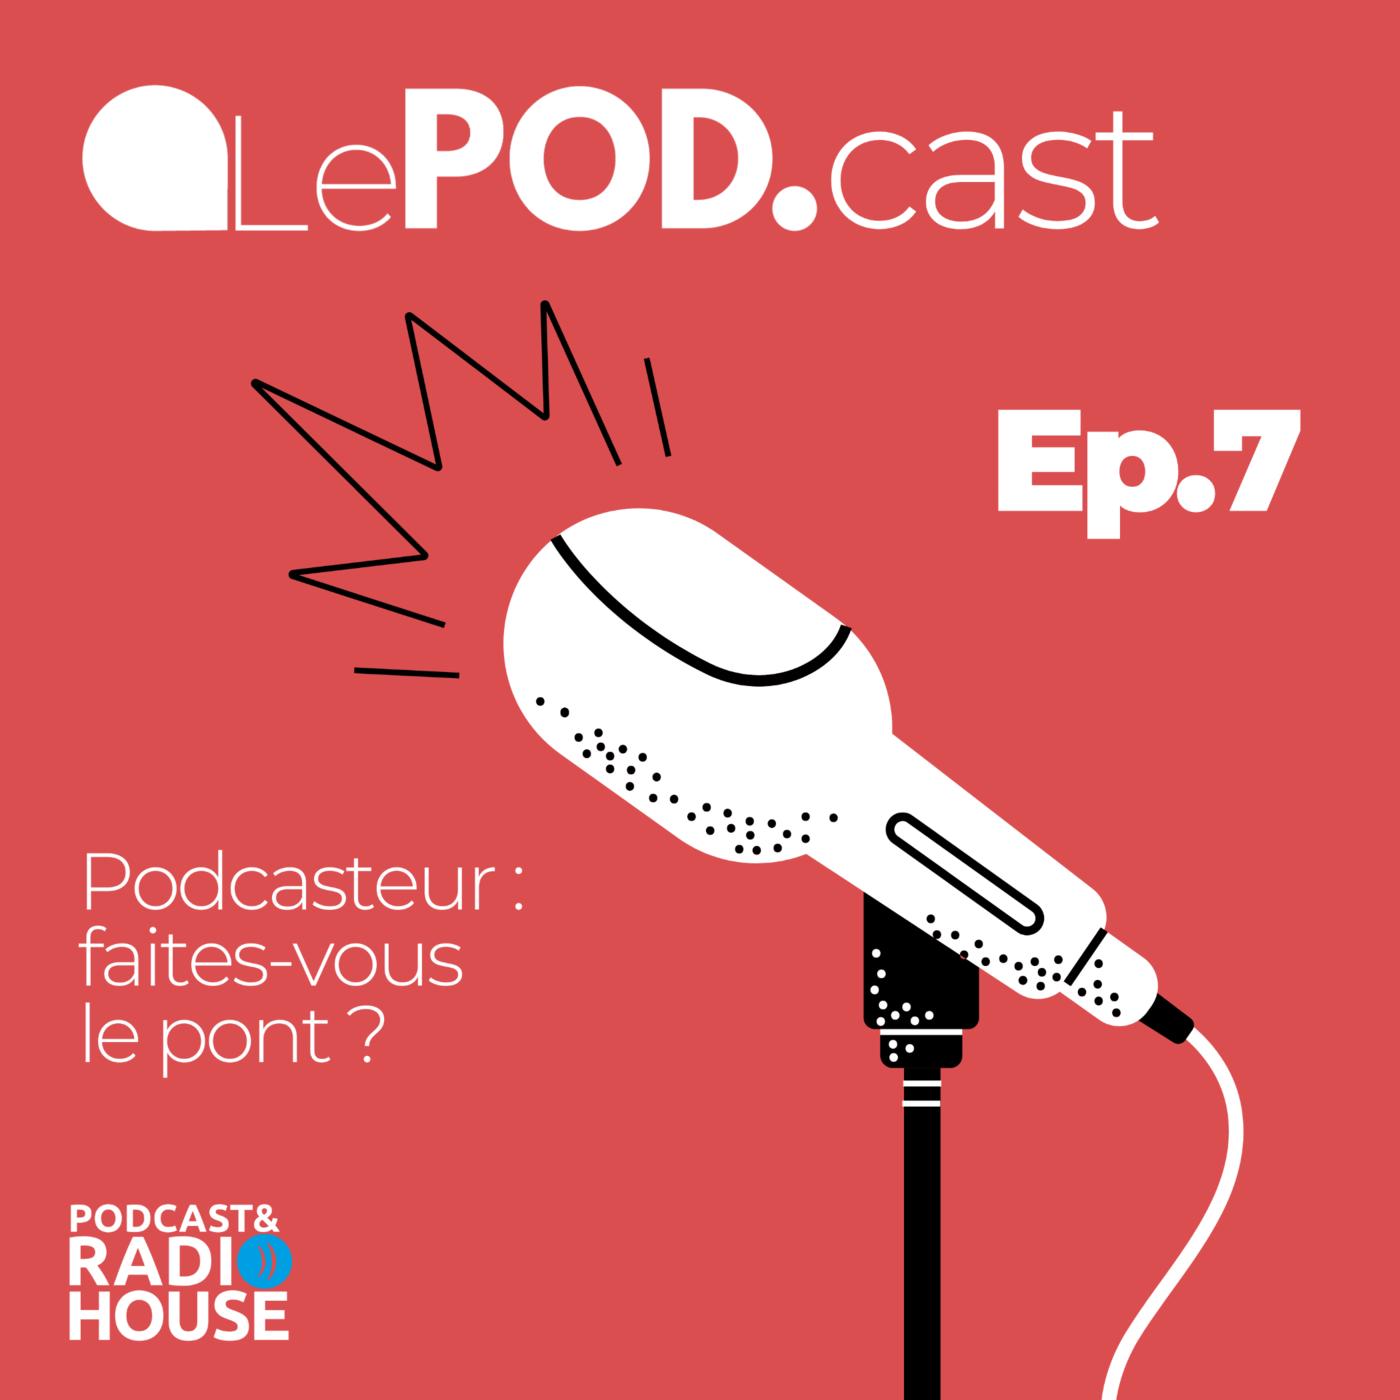 EP.7 - Podcasteur : faites-vous le pont ? - Le POD.